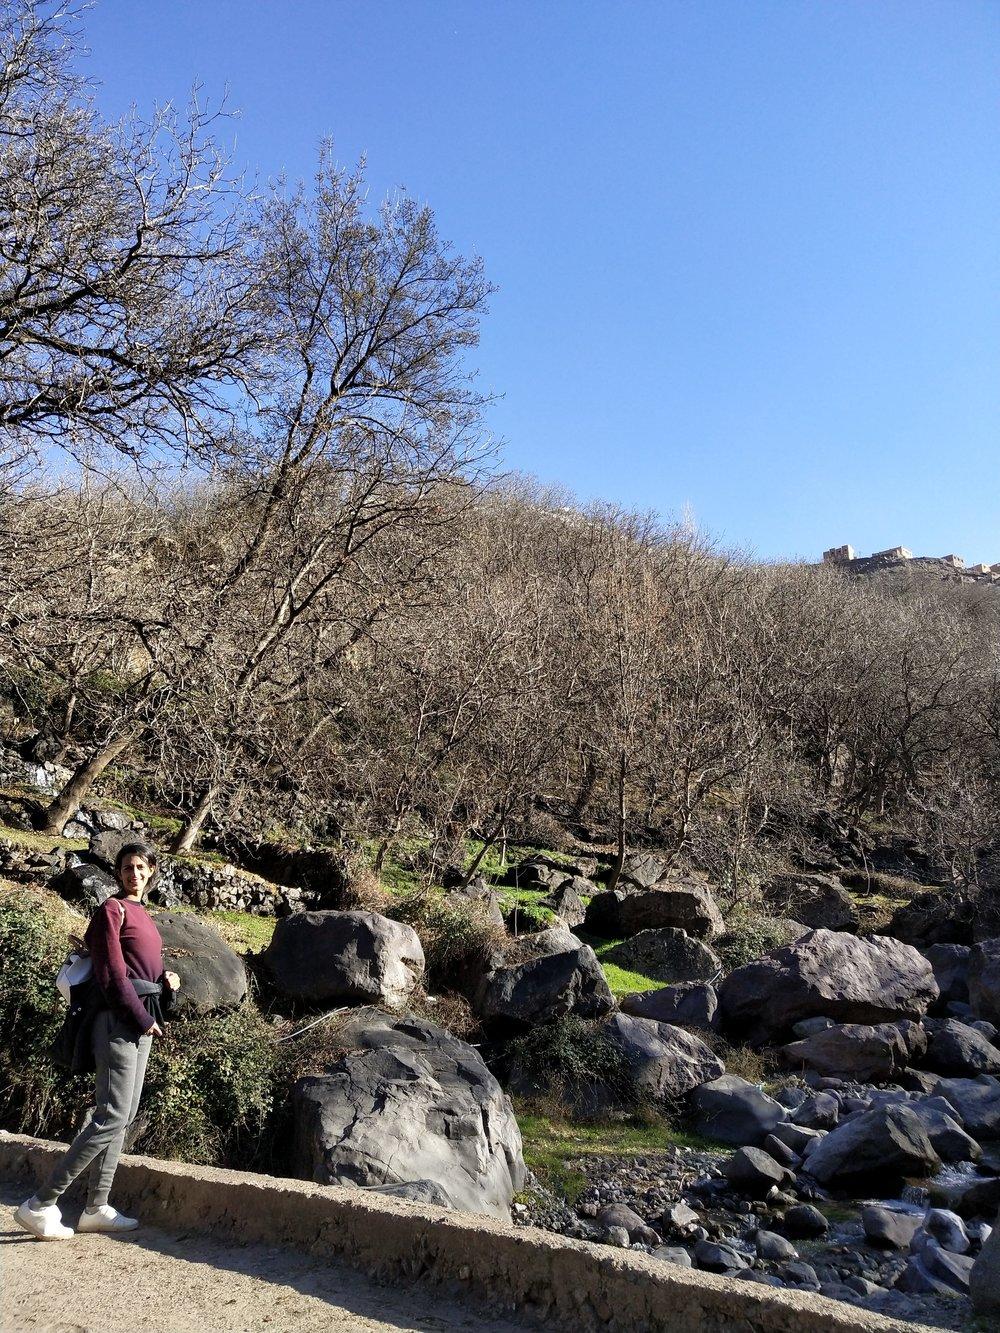 Trecking in Imlil